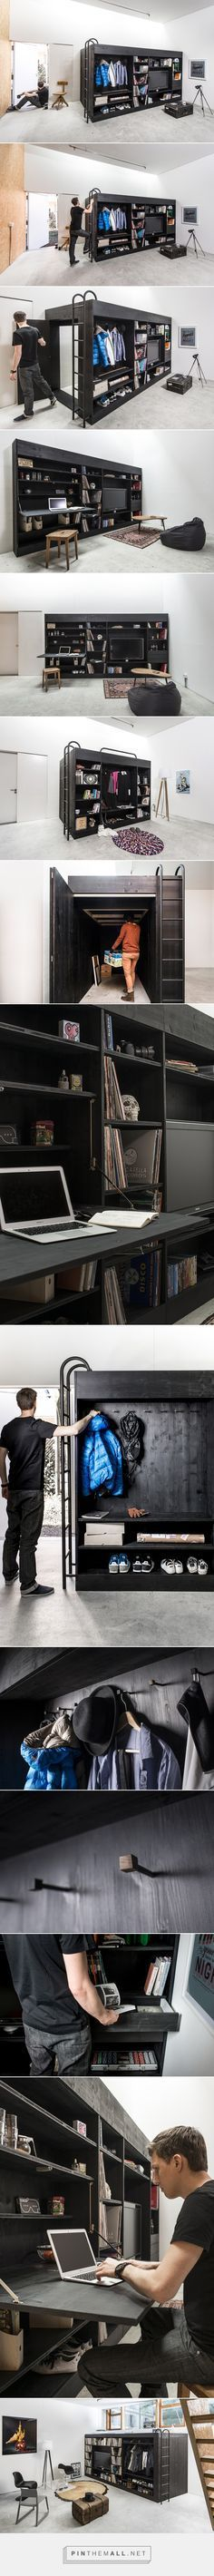 Blog do Mesquita,Design,Mobiliário,Containers